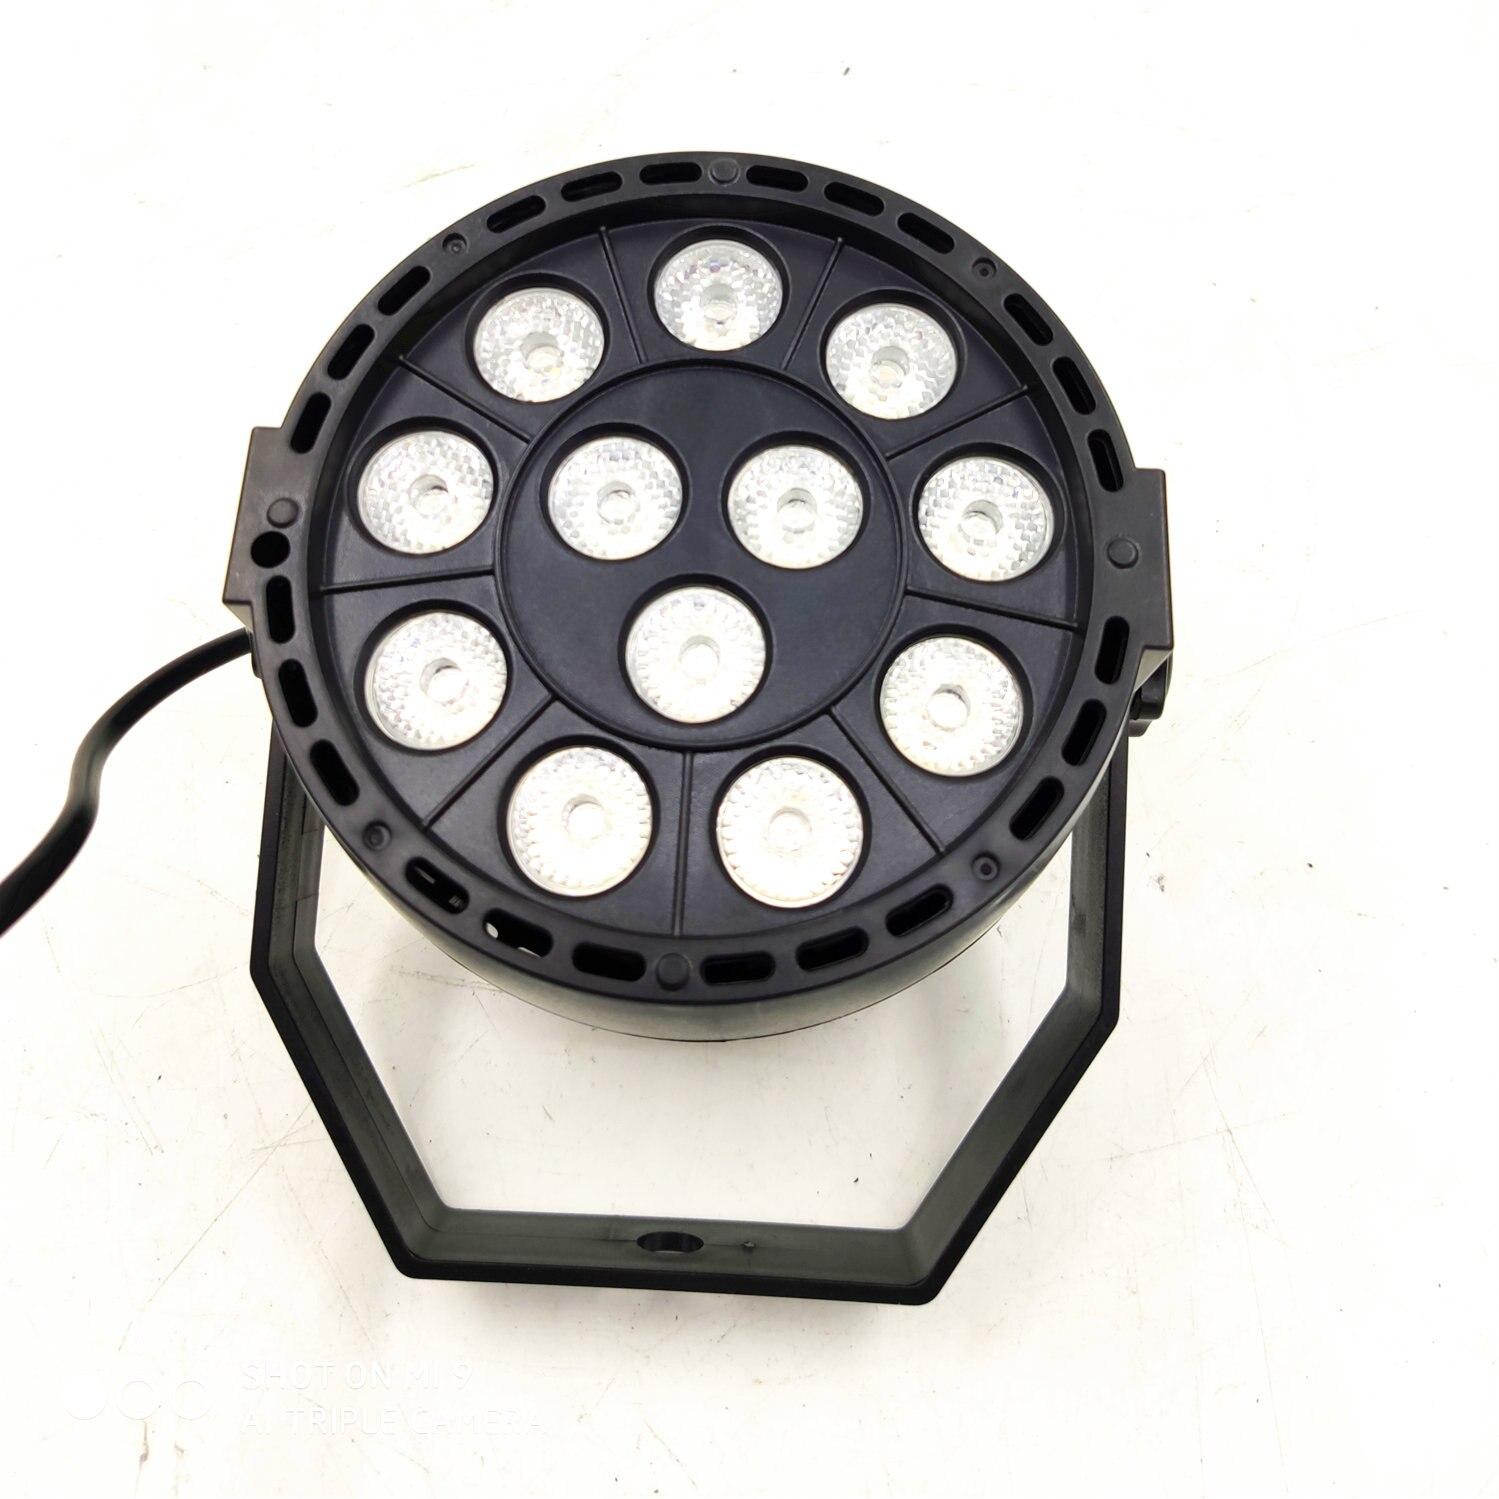 LED Par 12x3W RGBW LED Stage Licht Par Licht Met DMX512 Voor Disco DJ Projector Machine Party Decoratie SHEHDS Podium Verlichtin